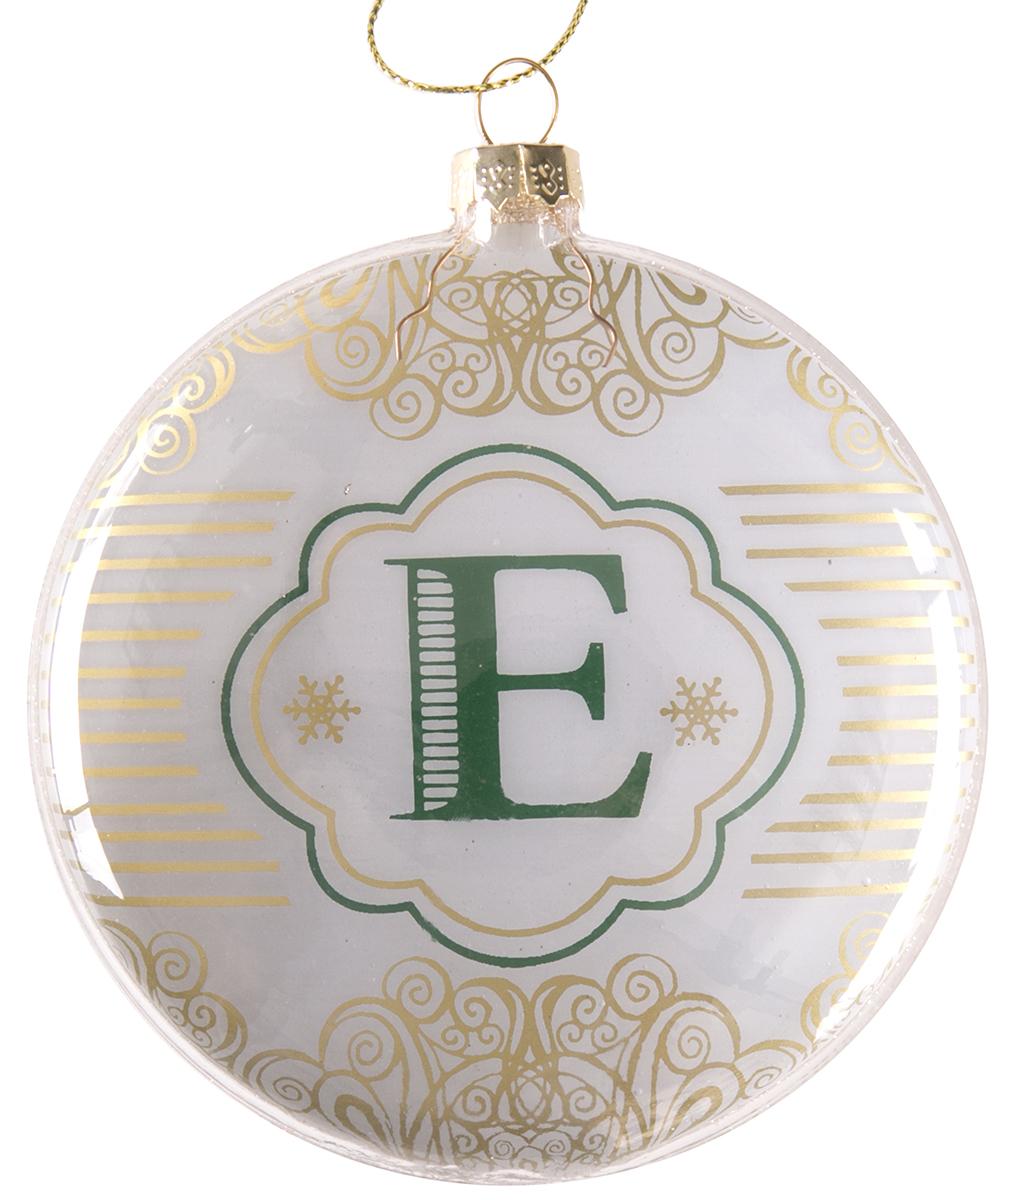 Украшение новогоднее подвесное Magic Time Буква Е, стеклянное. 7582775827Новогоднее подвесное украшение из стекла БУКВА Е, 10 см, артикул 75827